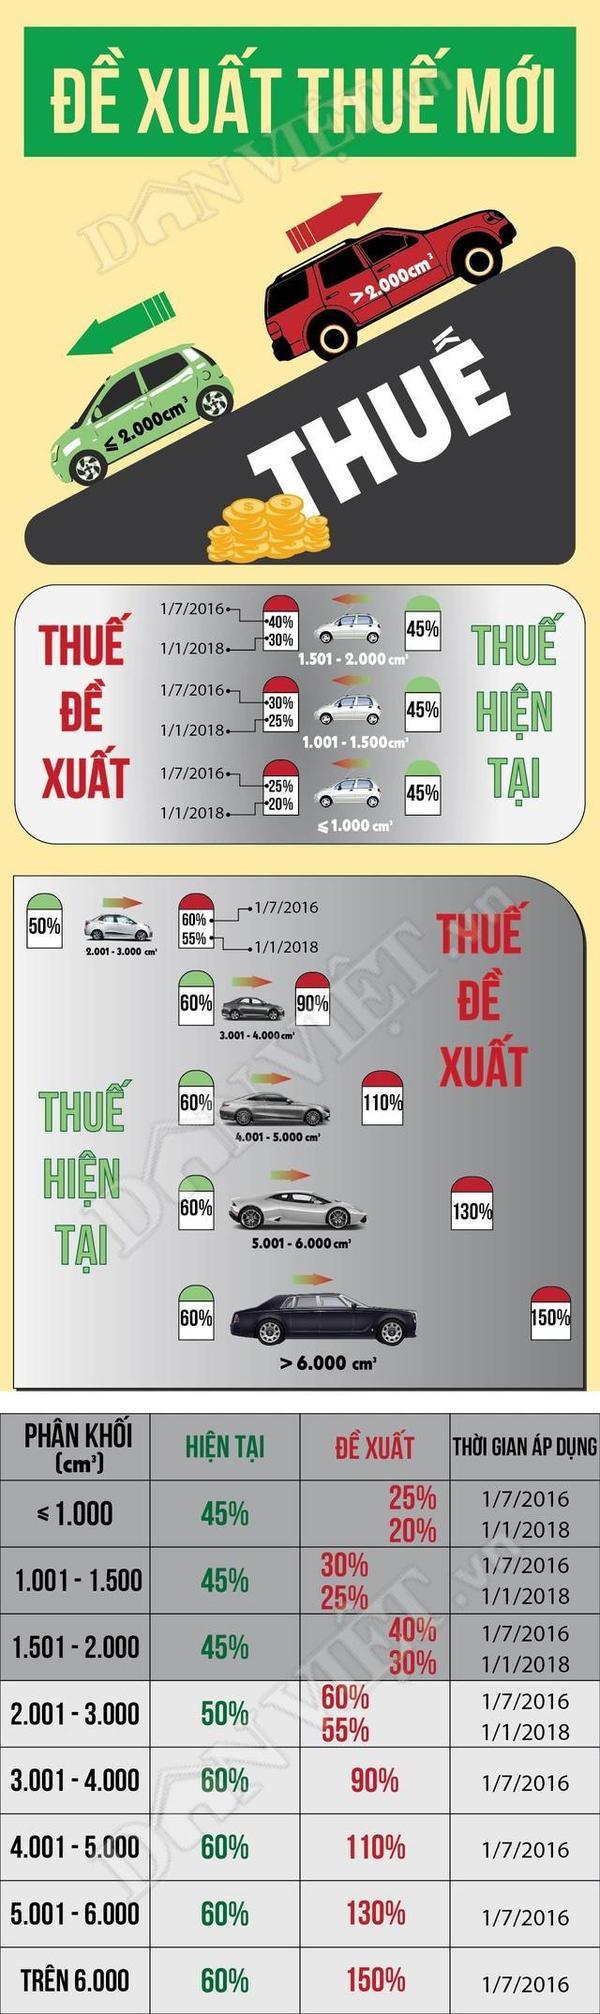 infographic-giam-thue-xe-o-to-mua-xe-nao-re-nhat